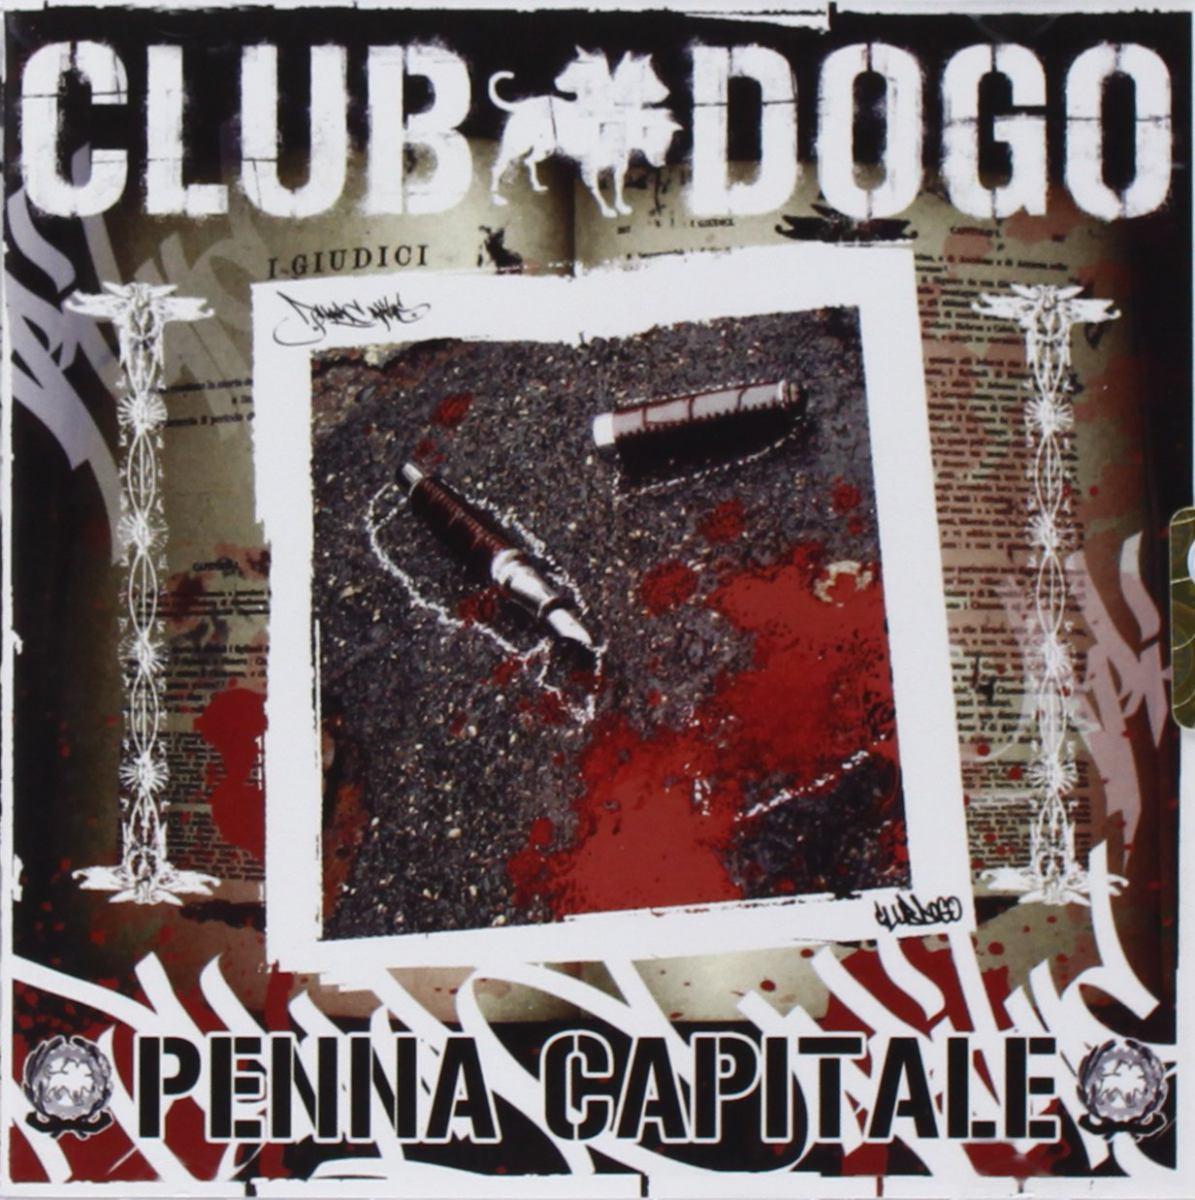 Perché Penna Capitale dei Club Dogo segna una svolta nel rap italiano?